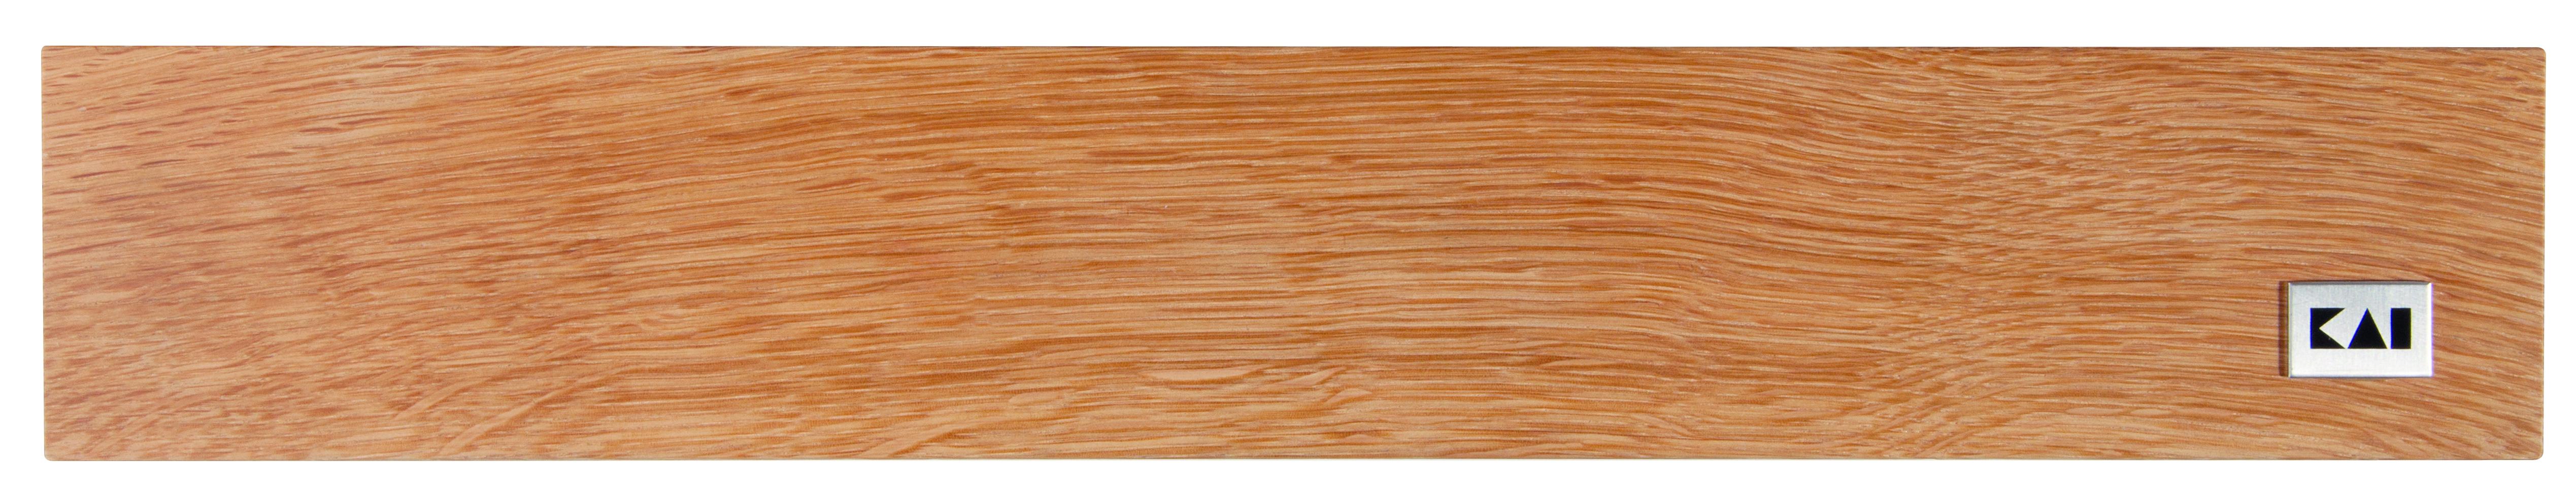 Magnetický držiak na nože z dubového dreva KAI DM-0807